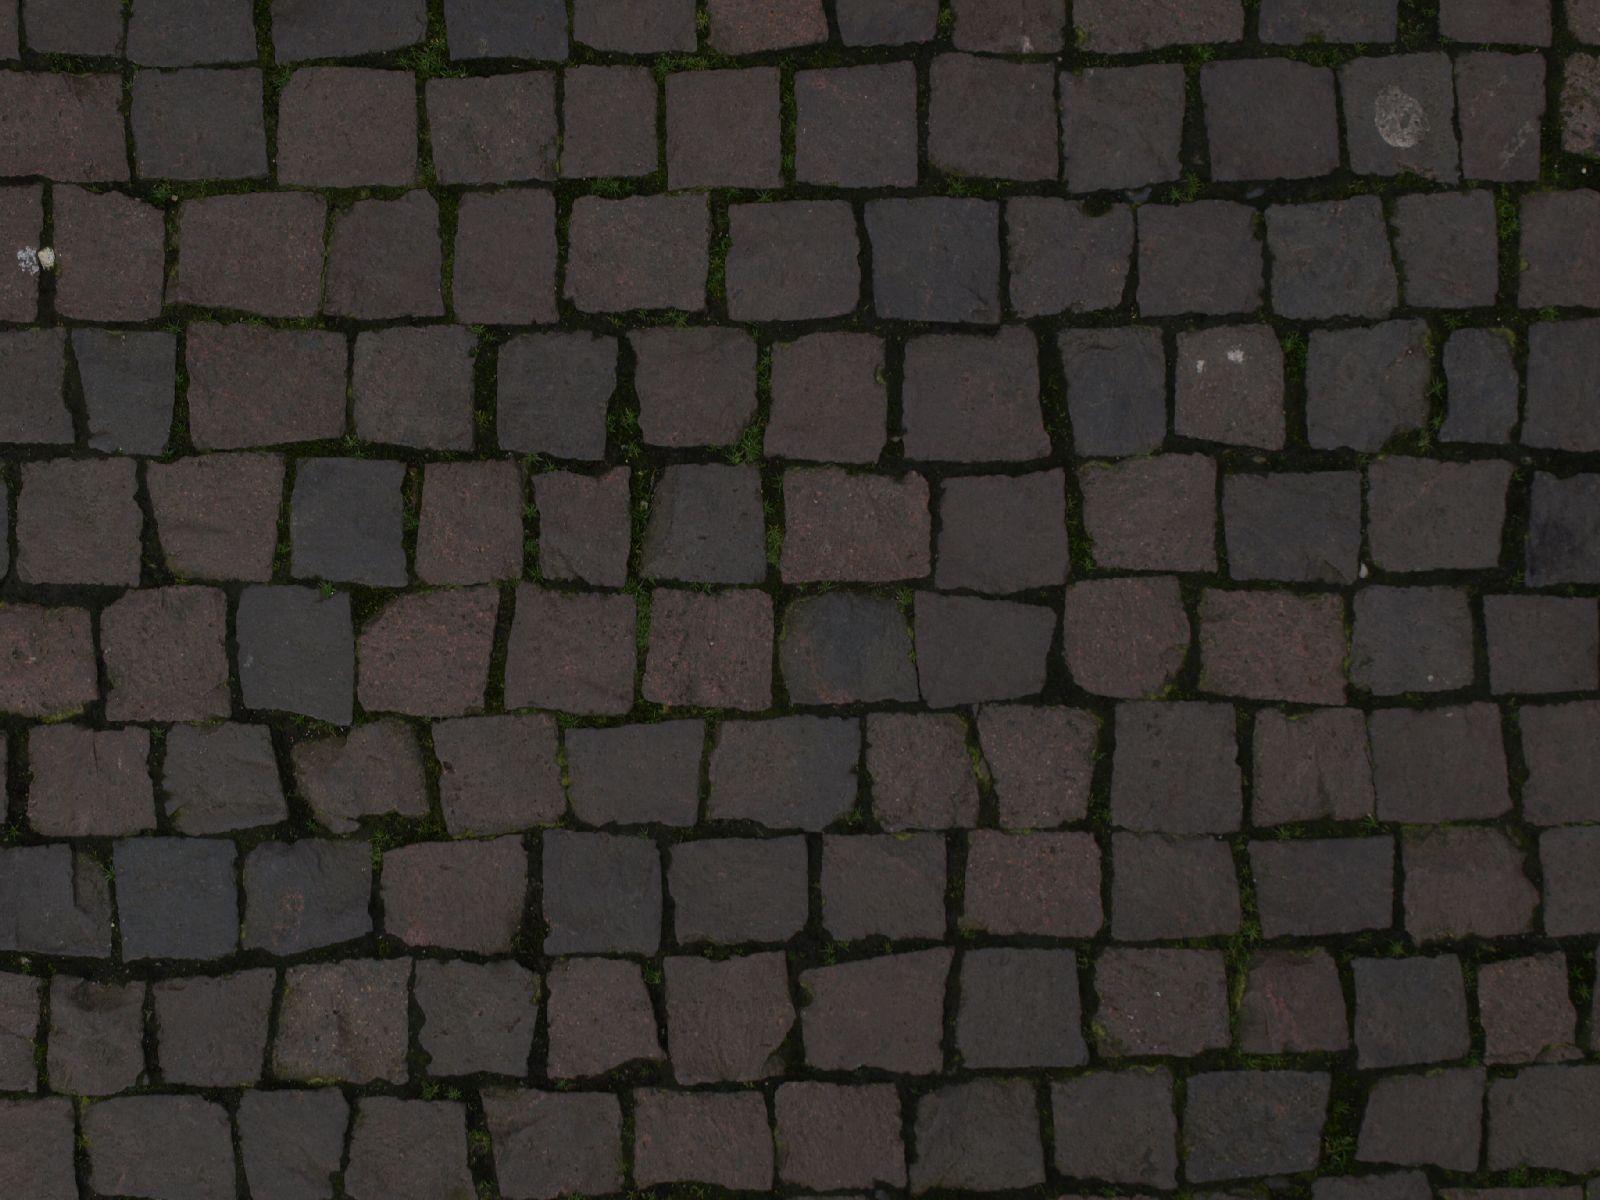 Boden-Gehweg-Strasse-Buergersteig-Textur_A_P4110611